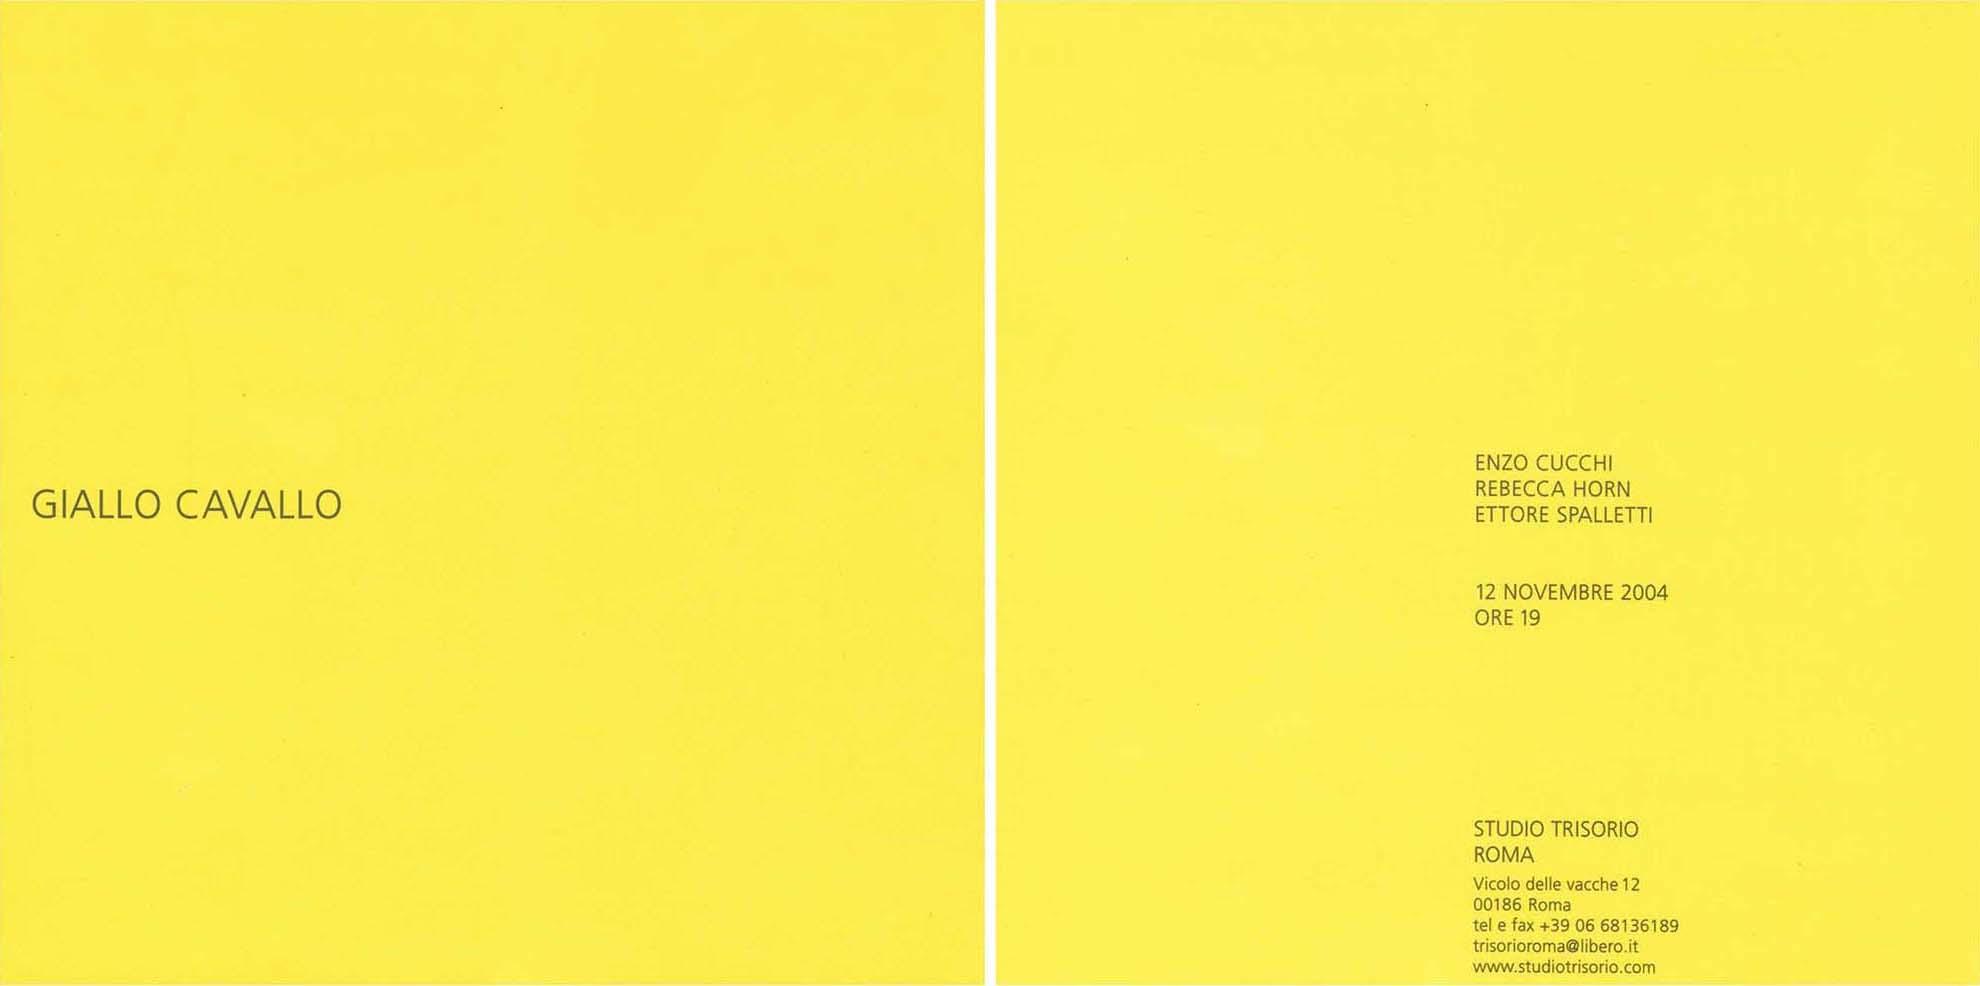 giallocavallo invito4.jpg